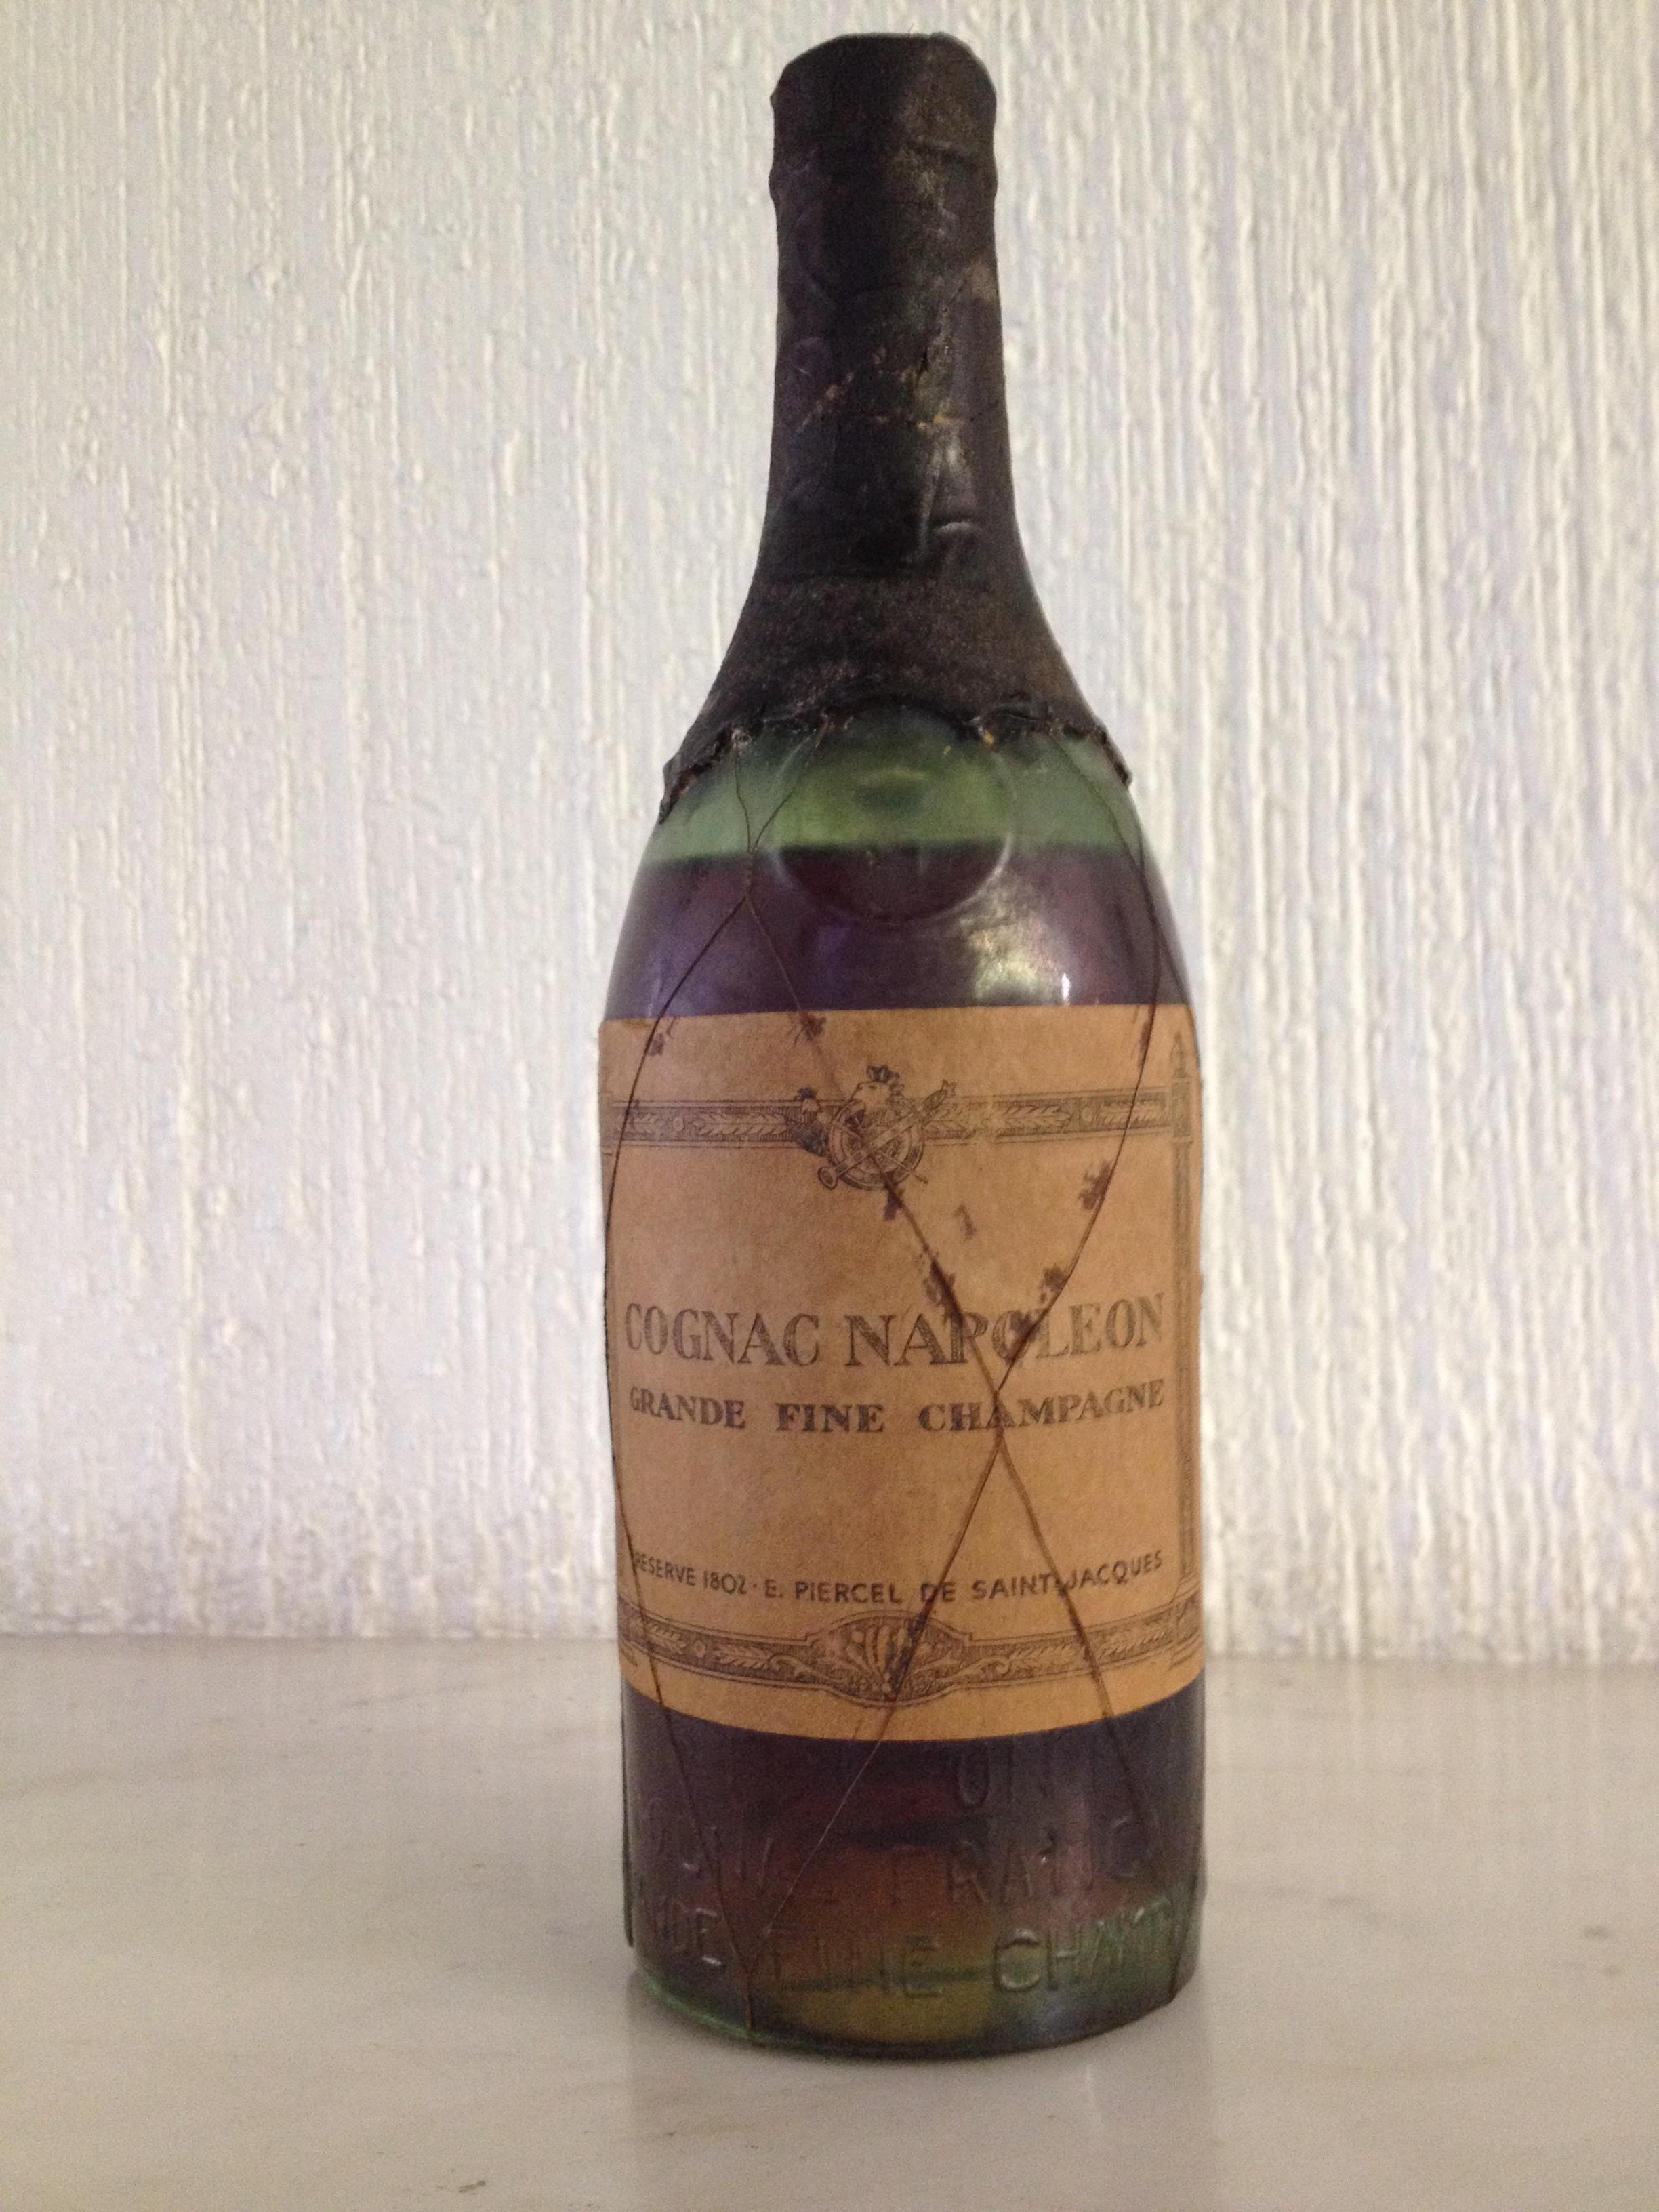 Napoleon Grande Fine Champagne